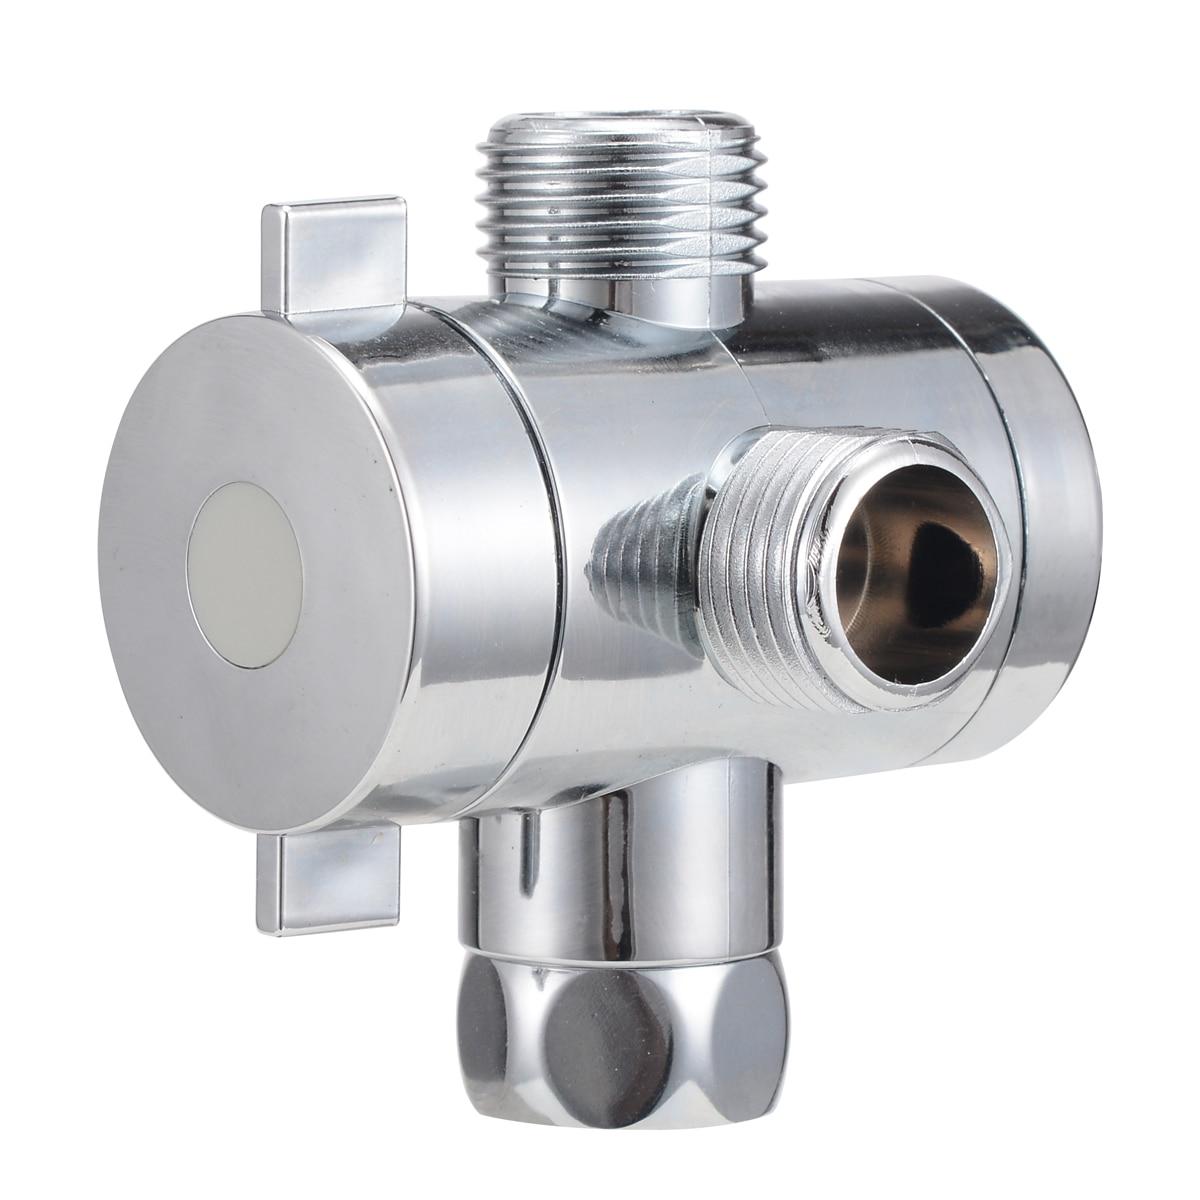 1pc 1/2inch 3 Way T adapter Diverter Bath Arm Mounted Connector Diverter Bath Adjustable Shower Diverter Valve Bathroom Part